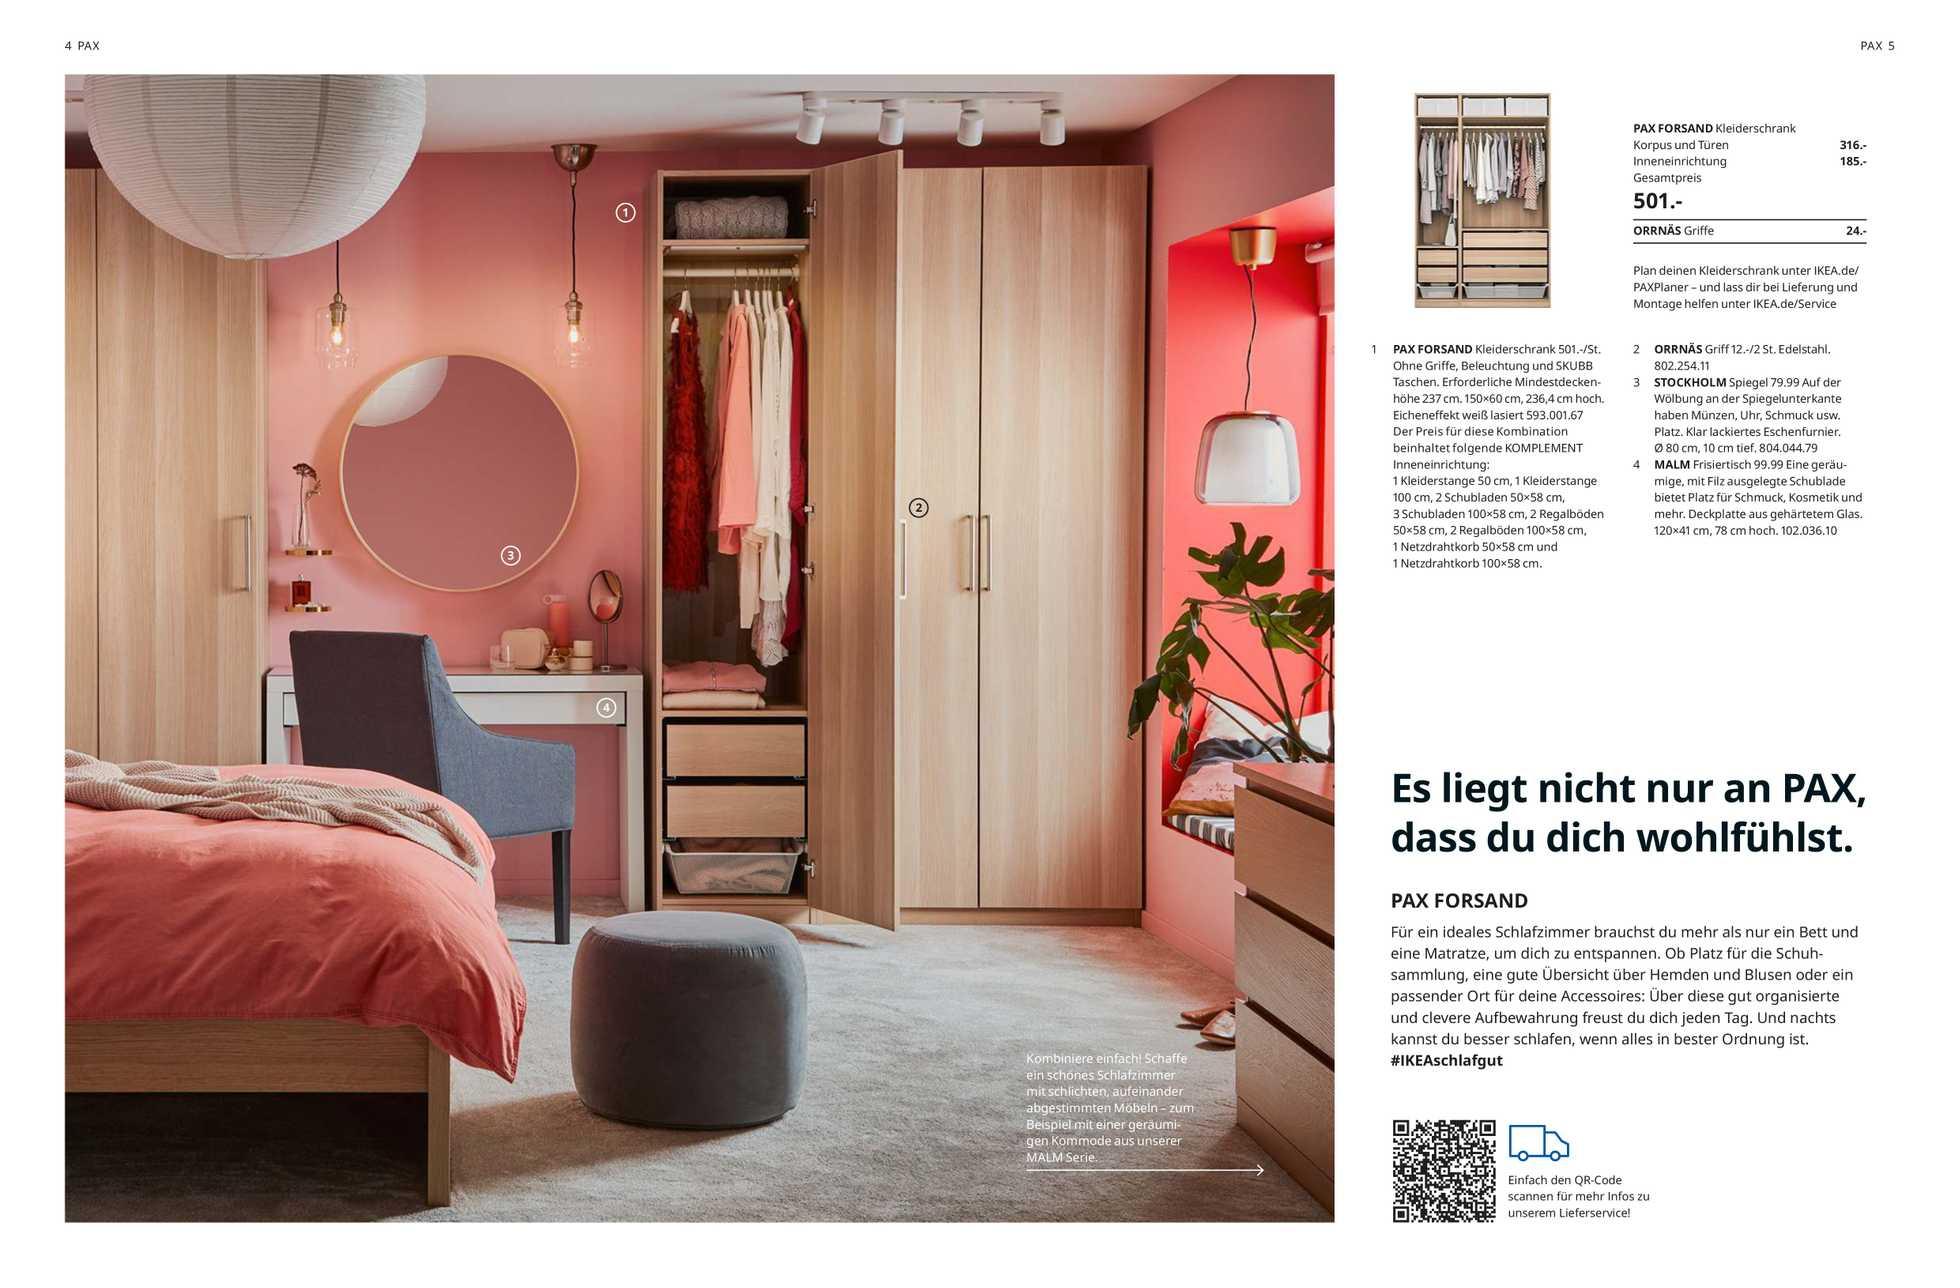 IKEA - Promo ab 20-08-2019 - seite 3